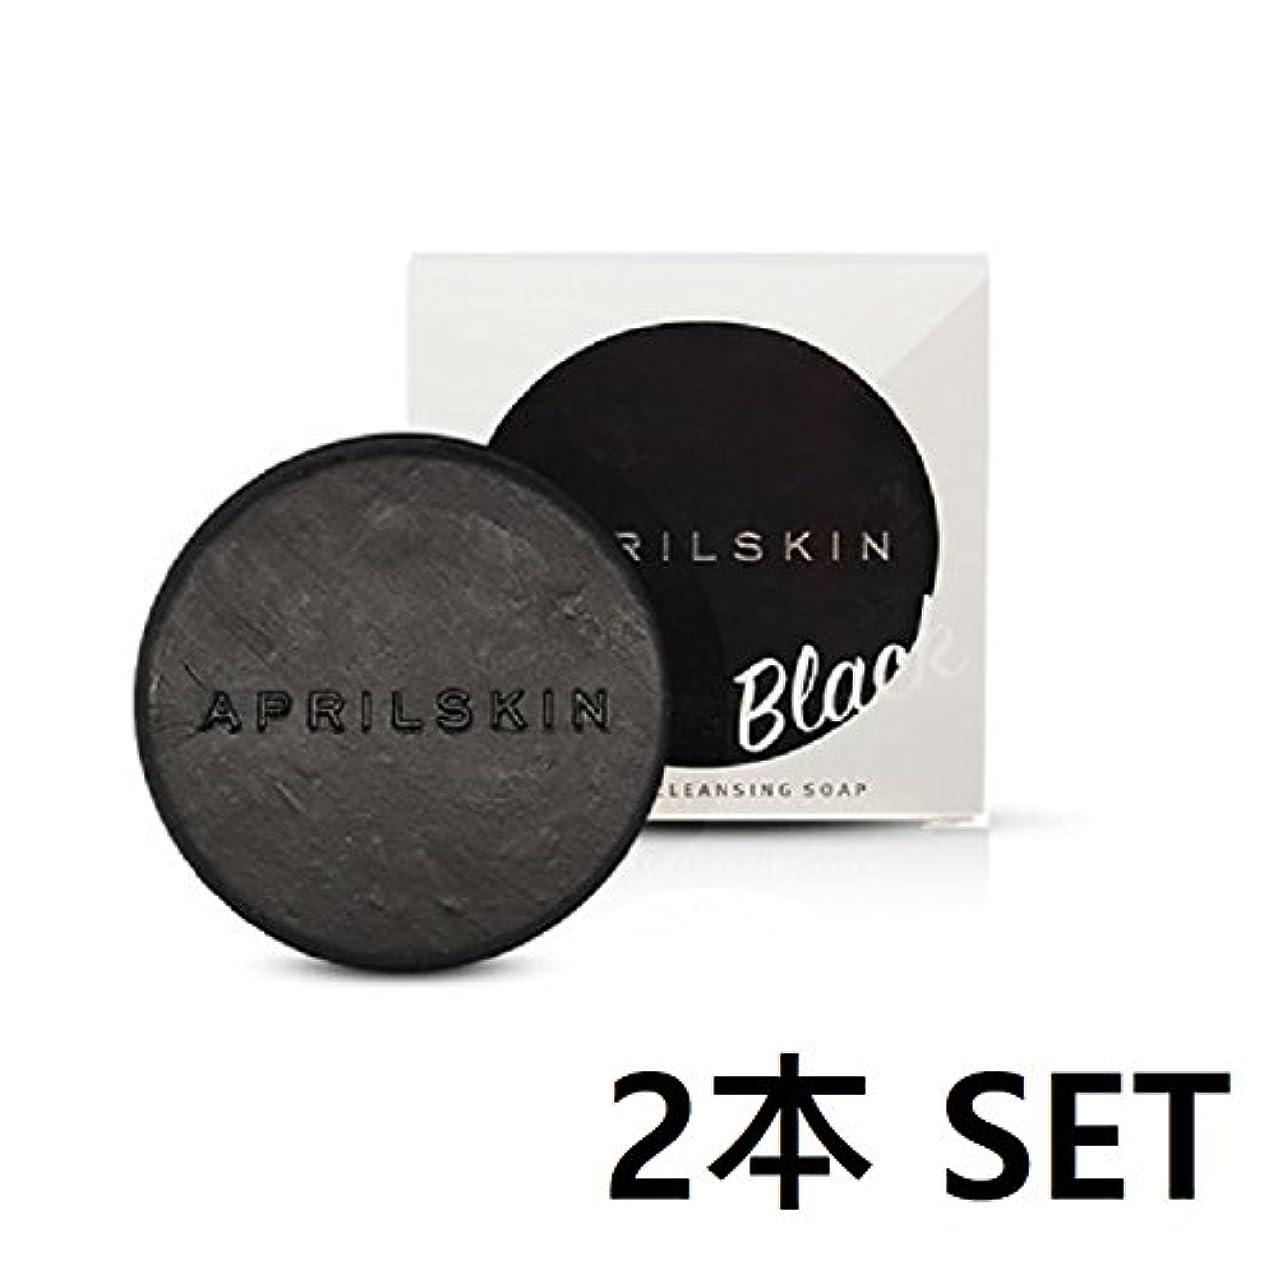 究極のスリラー焦げ[APRILSKIN] エイプリルスキン国民石鹸 BLACK X 2pcs SET(APRIL SKIN magic stone マジックストーンのリニューアルバージョン新発売) (BLACK) [並行輸入品]